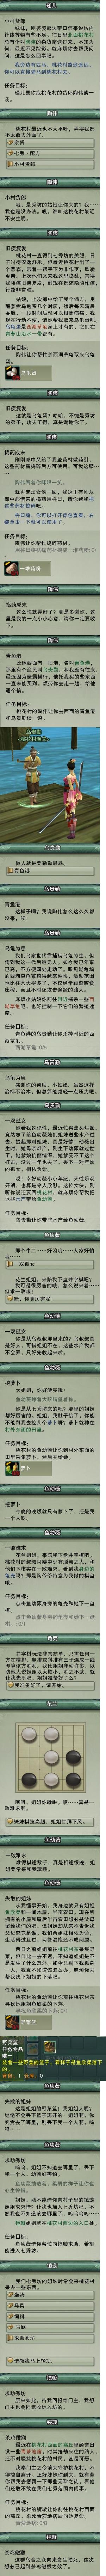 主线任务04 - 桃花村.jpg